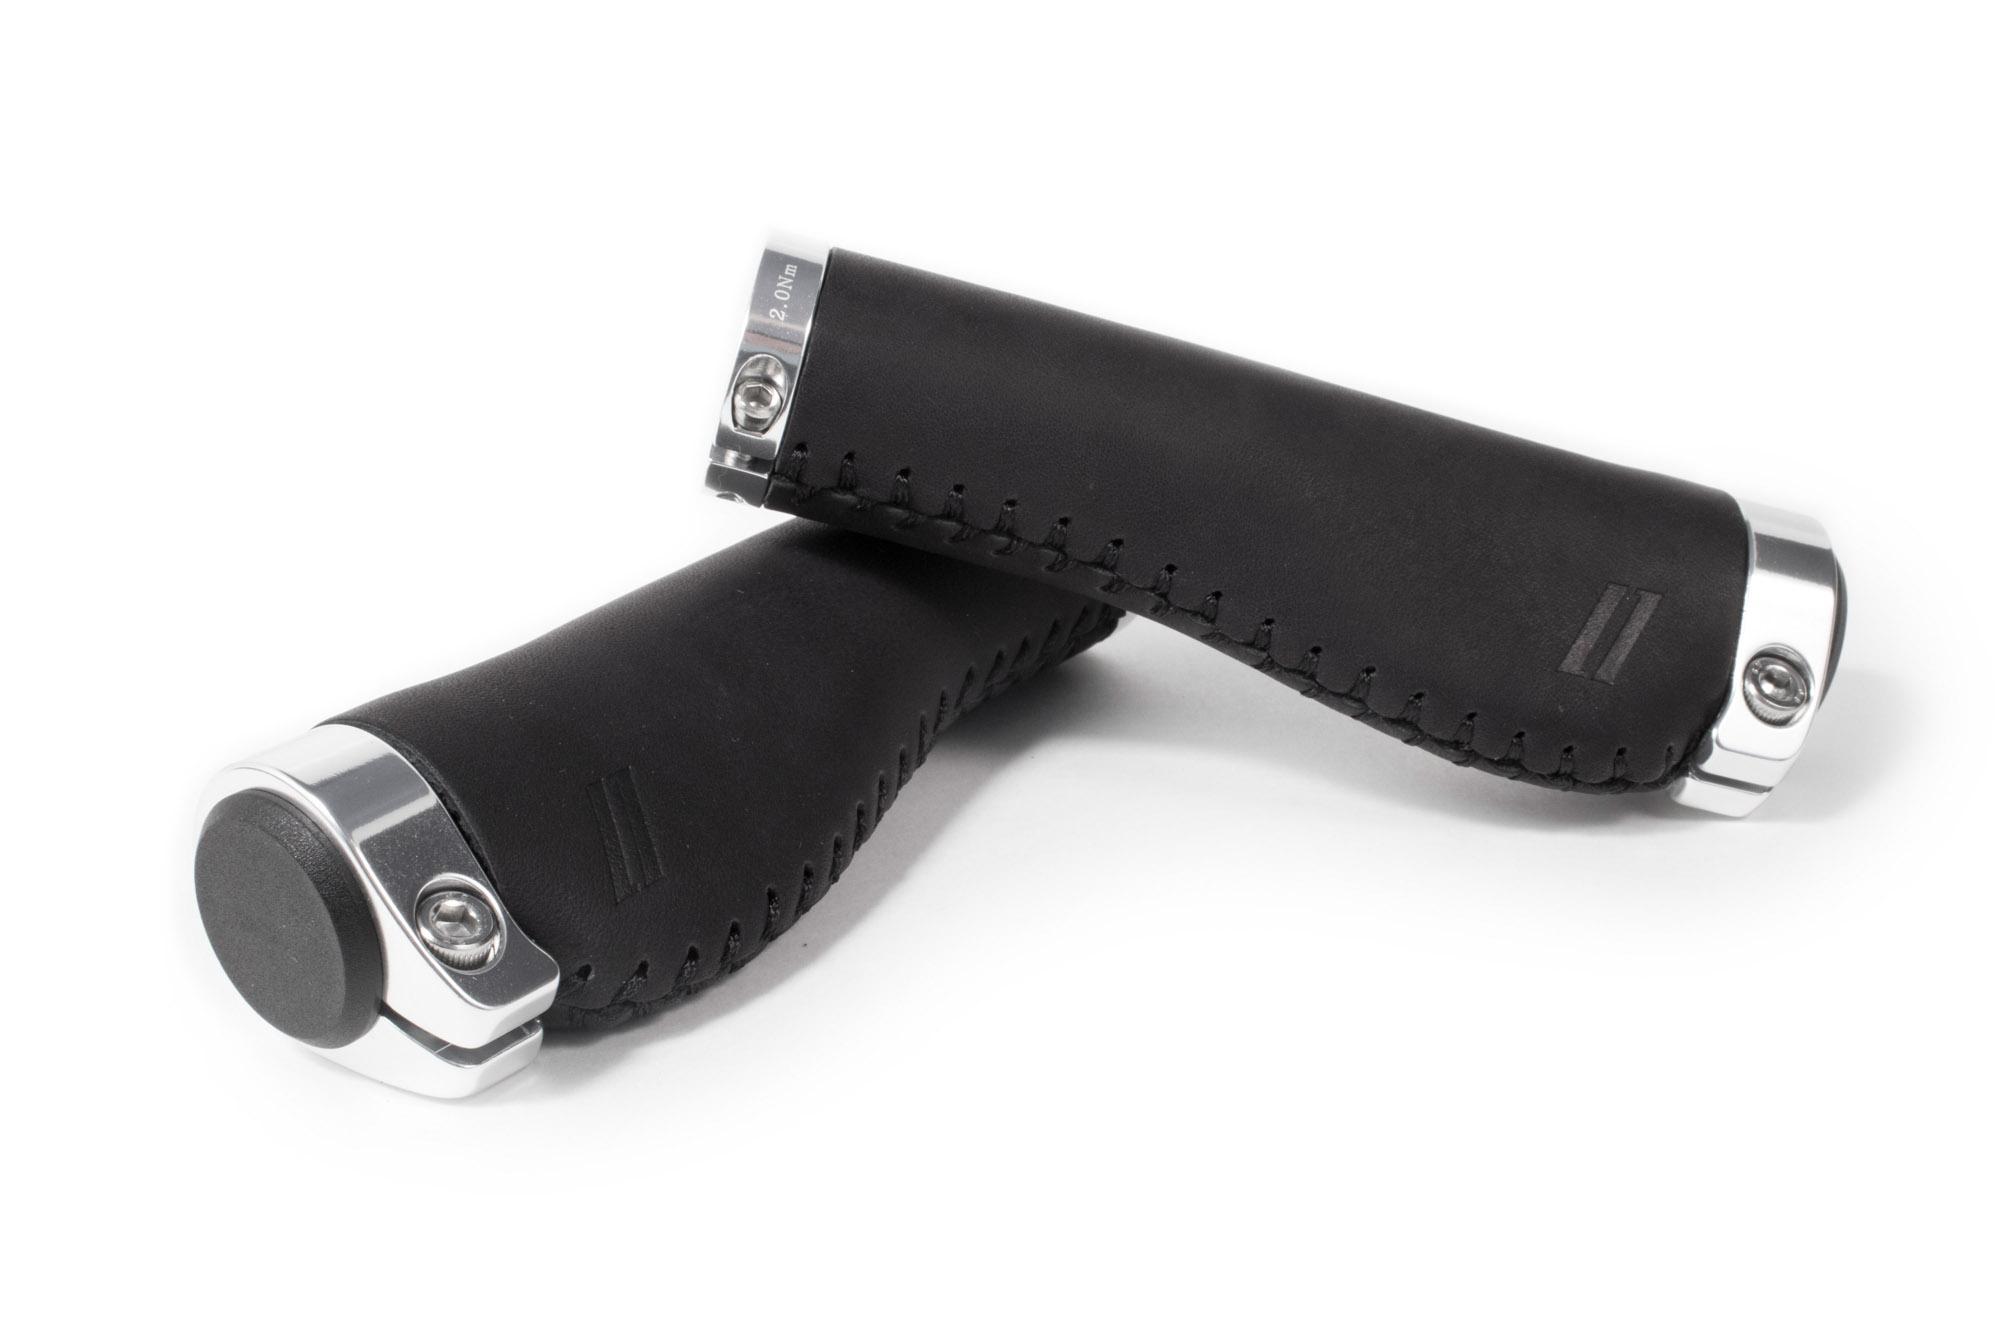 Schindelhauer ergo nahkagripit - Musta 138mm